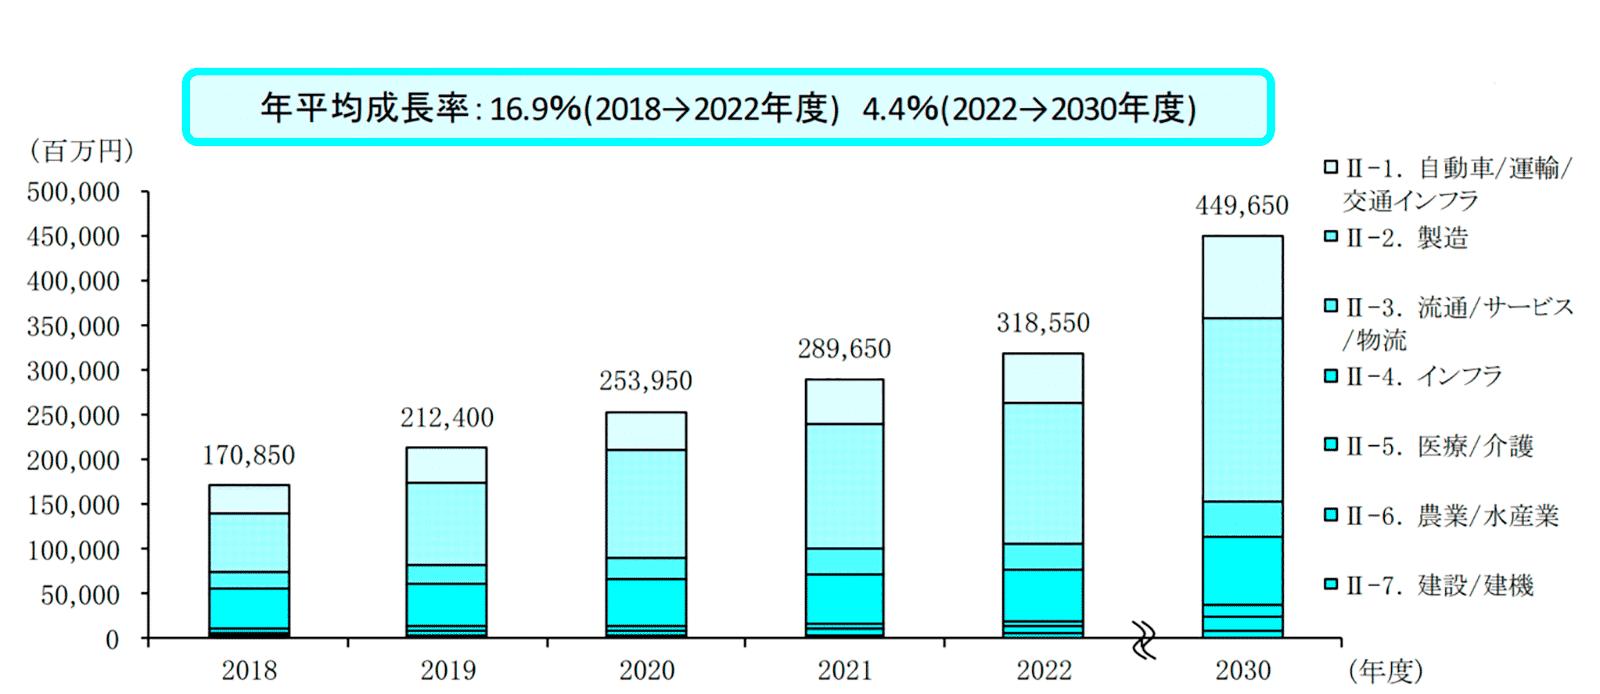 資料:業界別に見たIoT市場の推定成長率(出典:富士キメラ総研「2019 センサーデバイス/ビッグデータ・IoT市場調査総覧(下巻):IoT市場編」)